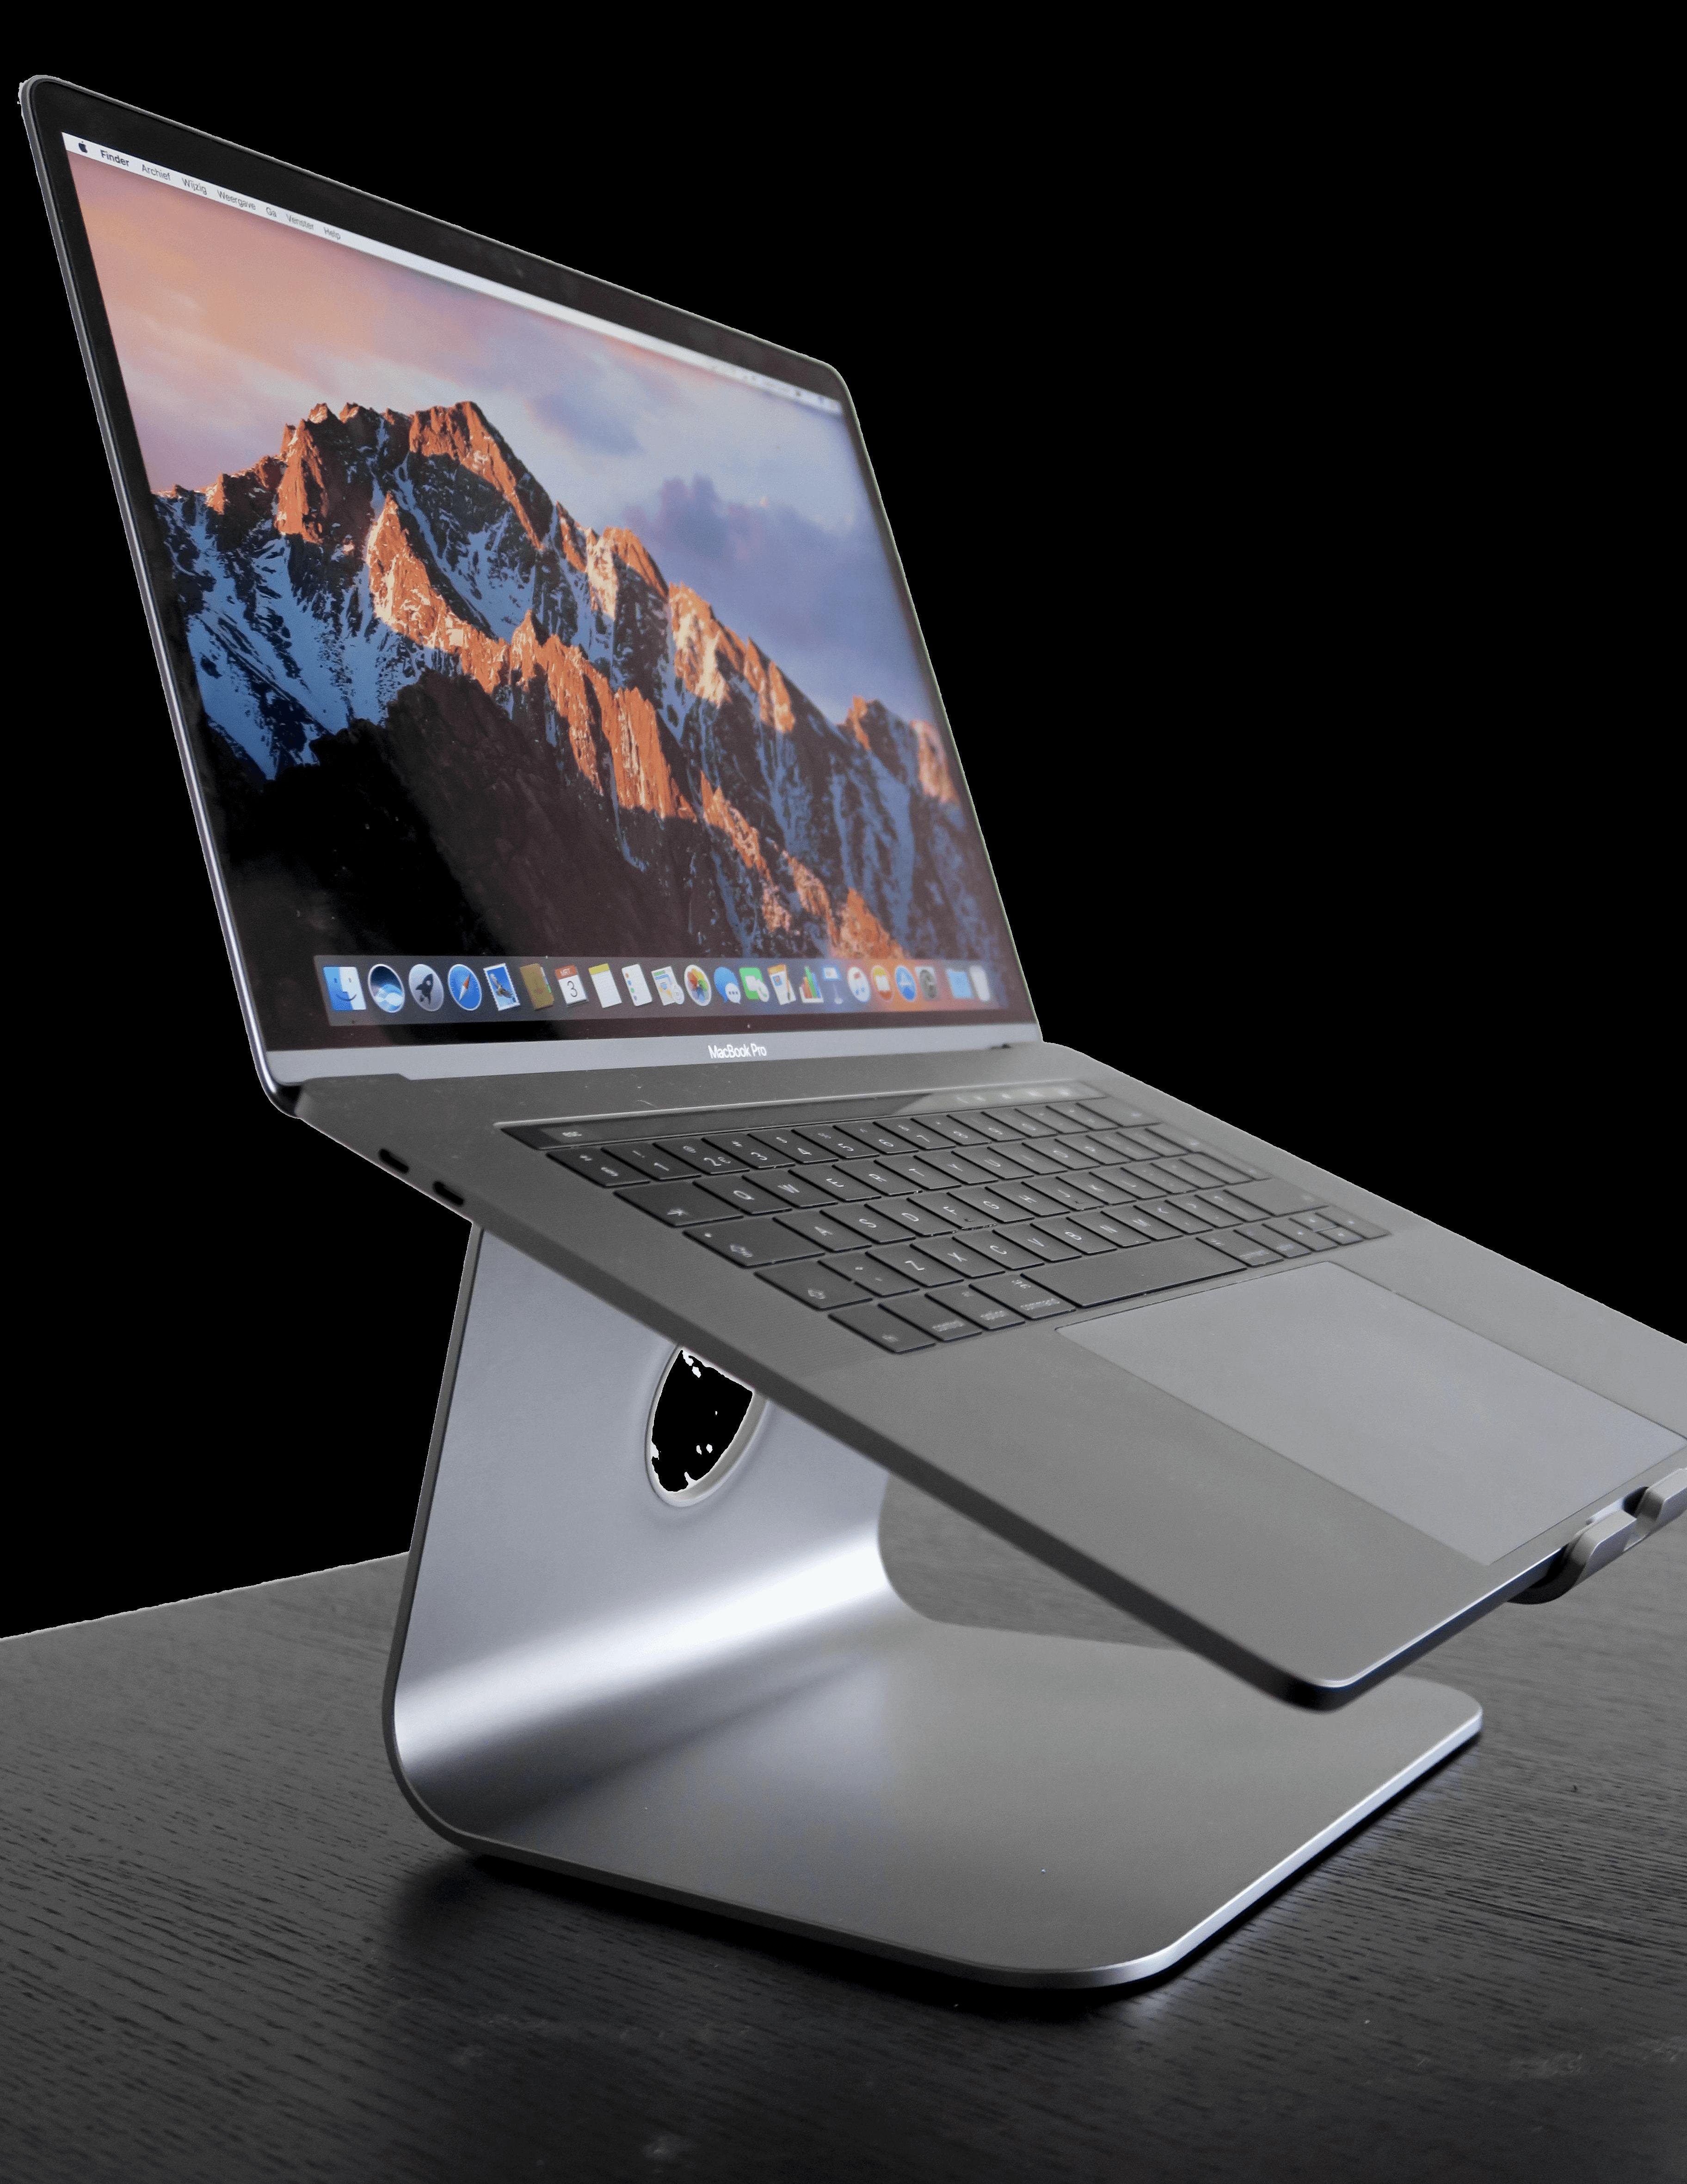 MacBook kopen : prijzen en alle, macBook aanbiedingen augustus Waar goedkoopste Apple, macBook kopen - Macs Software - GoT Apple Nieuws - Welke